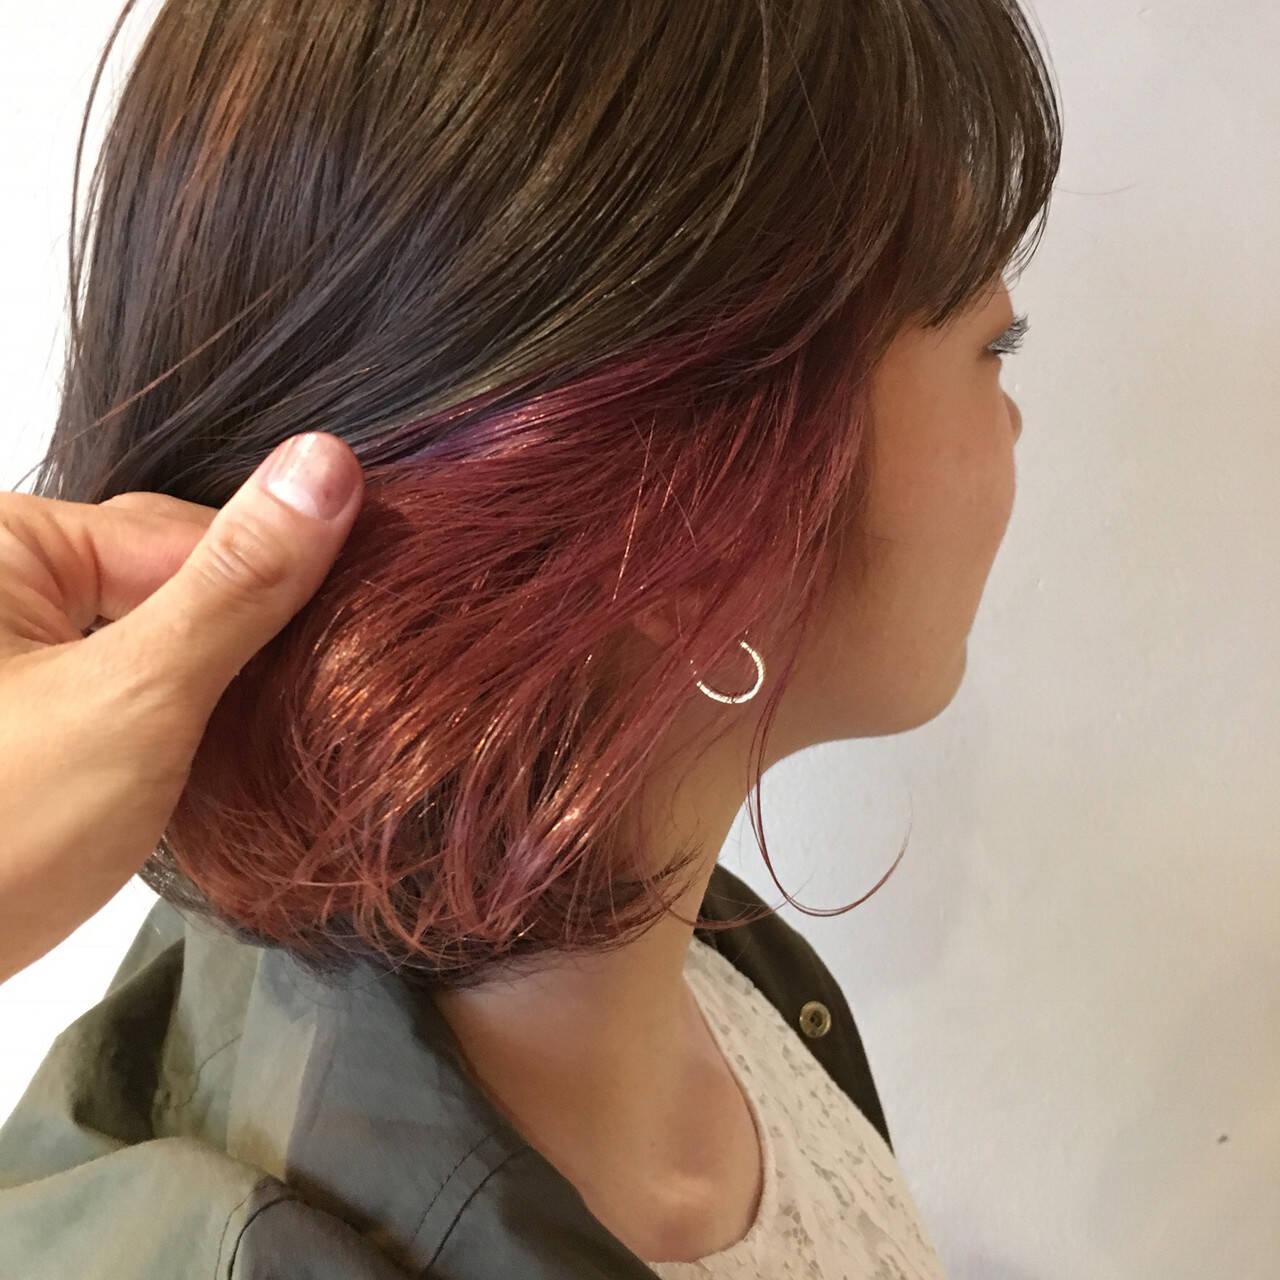 コリアンピンク ピンクアッシュ インナーカラー インナーカラーレッドヘアスタイルや髪型の写真・画像